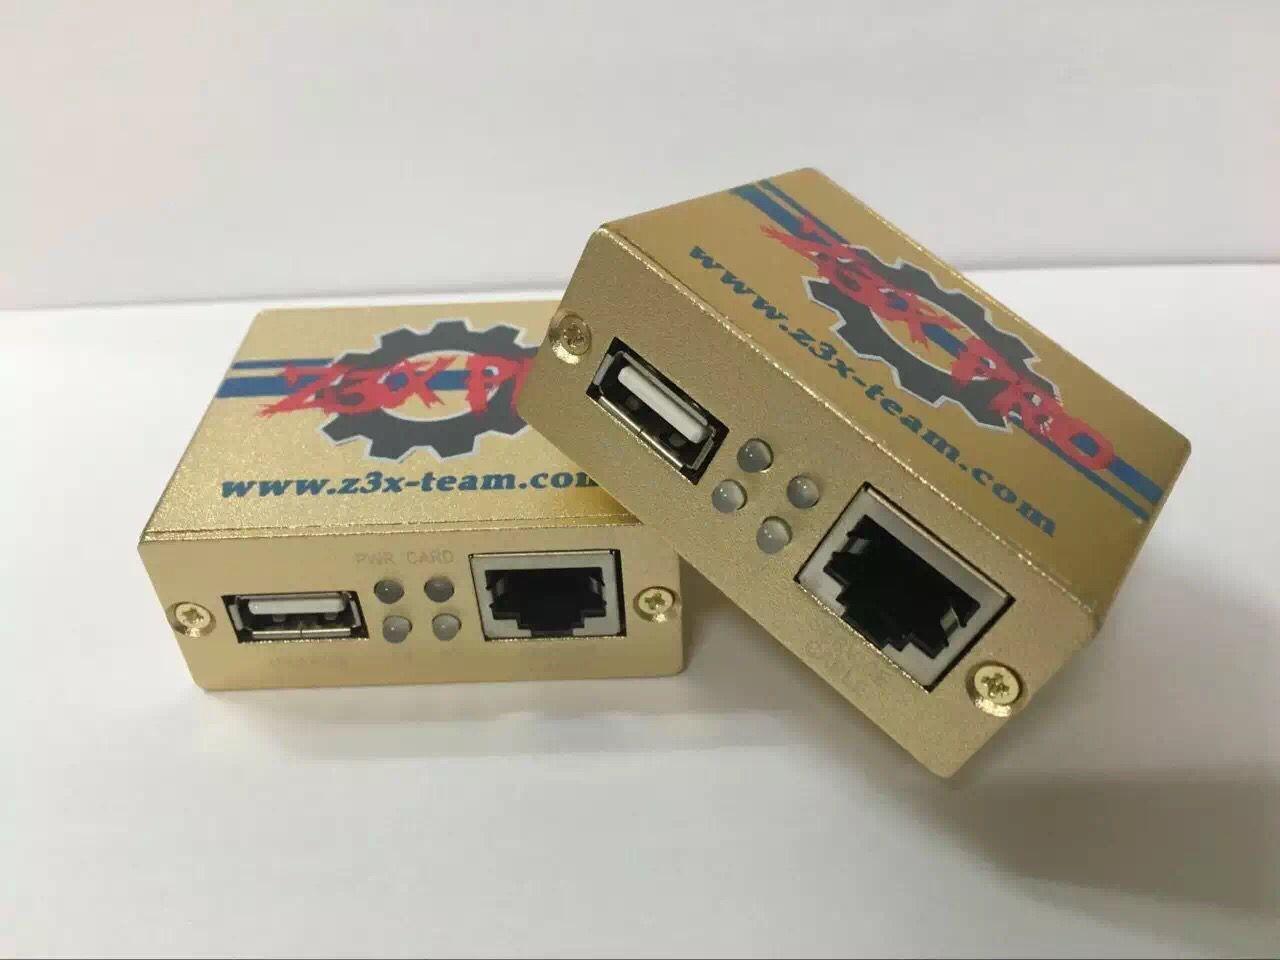 ما هو الفرق بين Box Z3x الذي لونه ازرق والاحمر والثالث لونه ذهبي